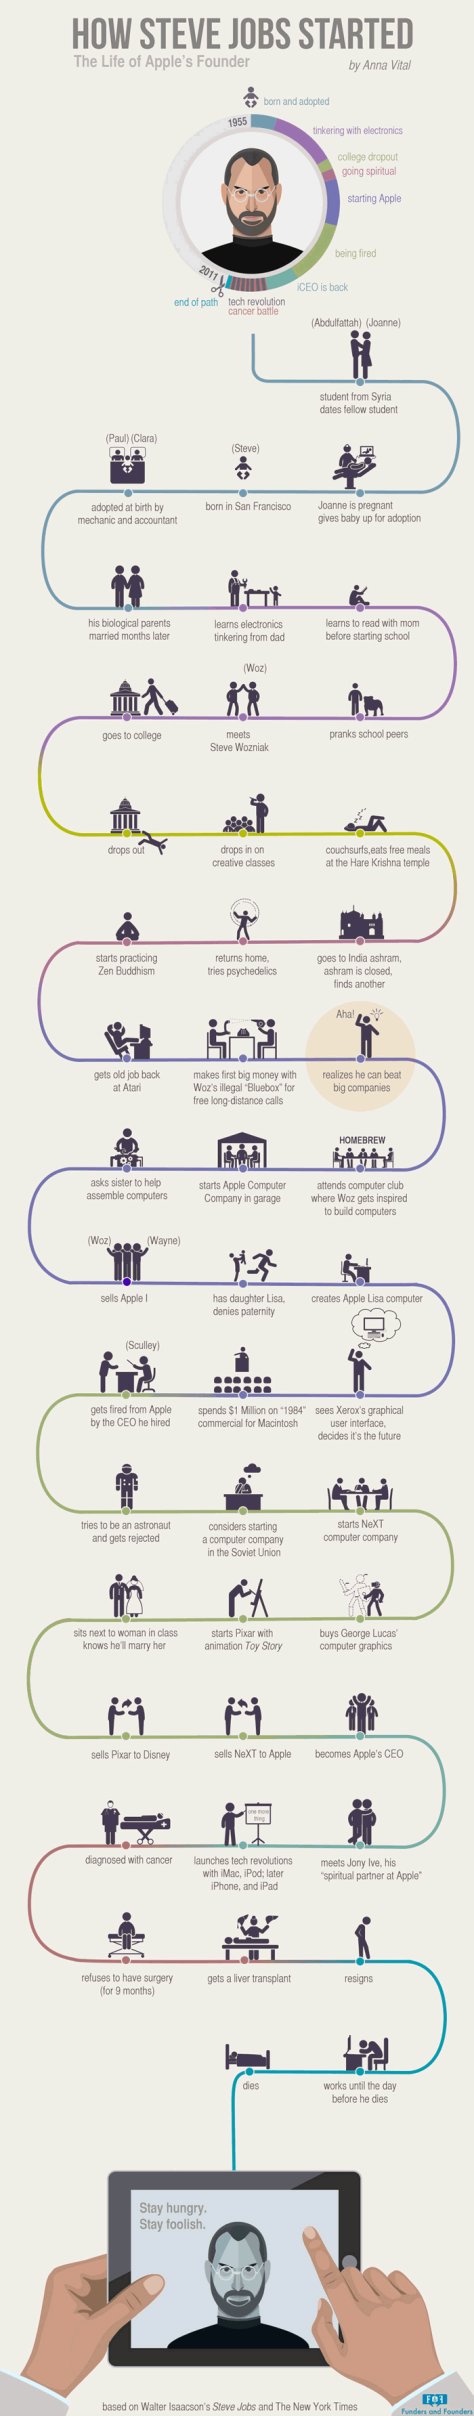 EBDLN-how-steve-jobs-started-apples-founder-infographic